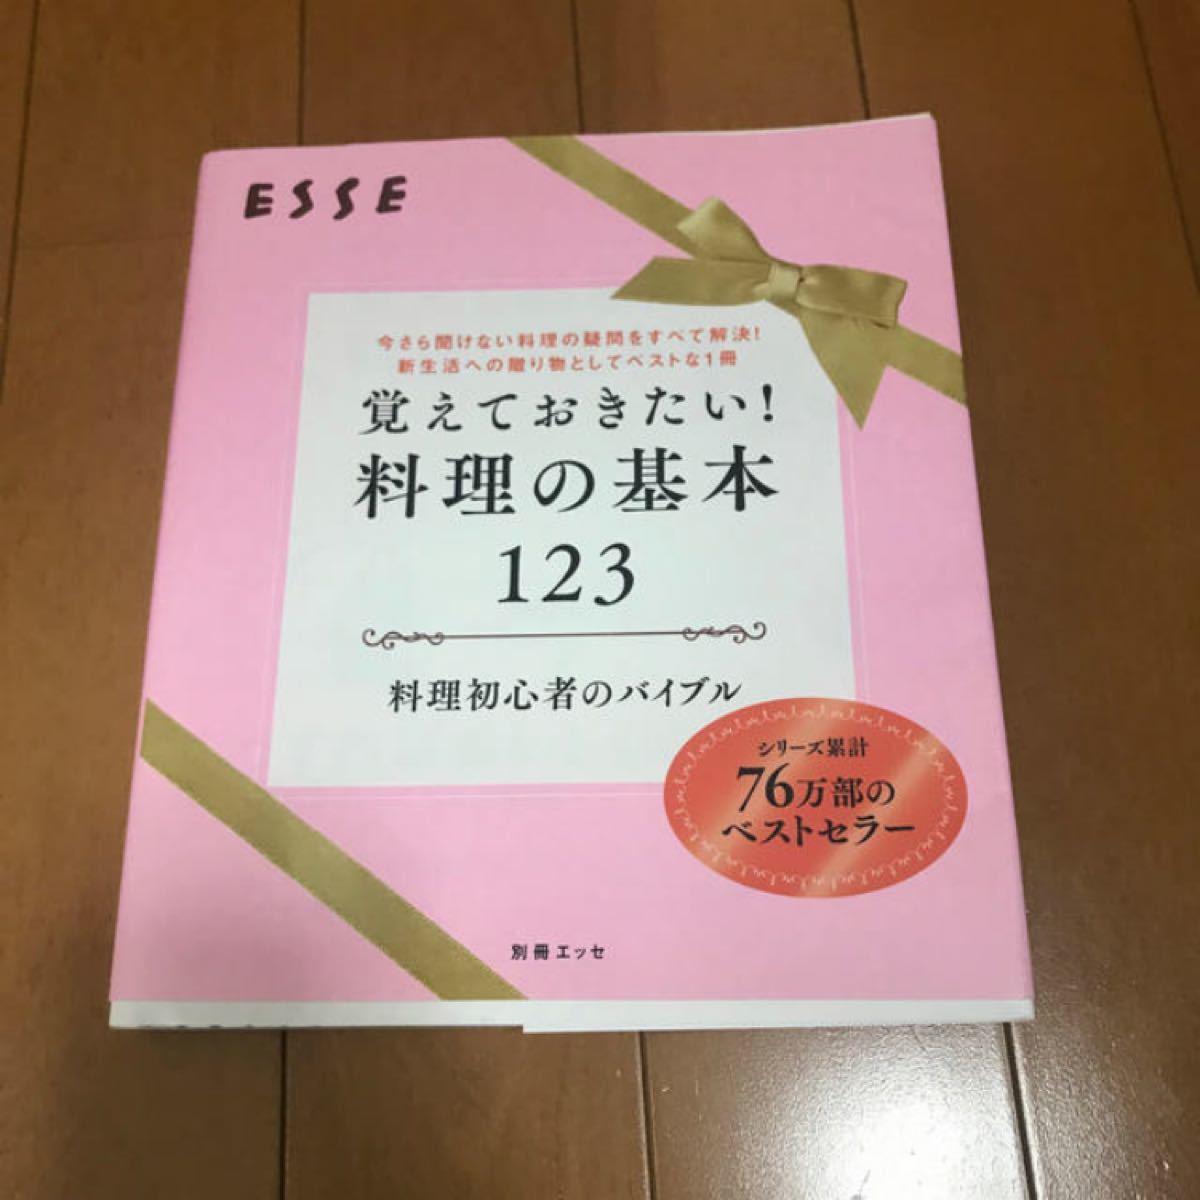 料理の基本123 素材選び 下ごしらえ 料理 本